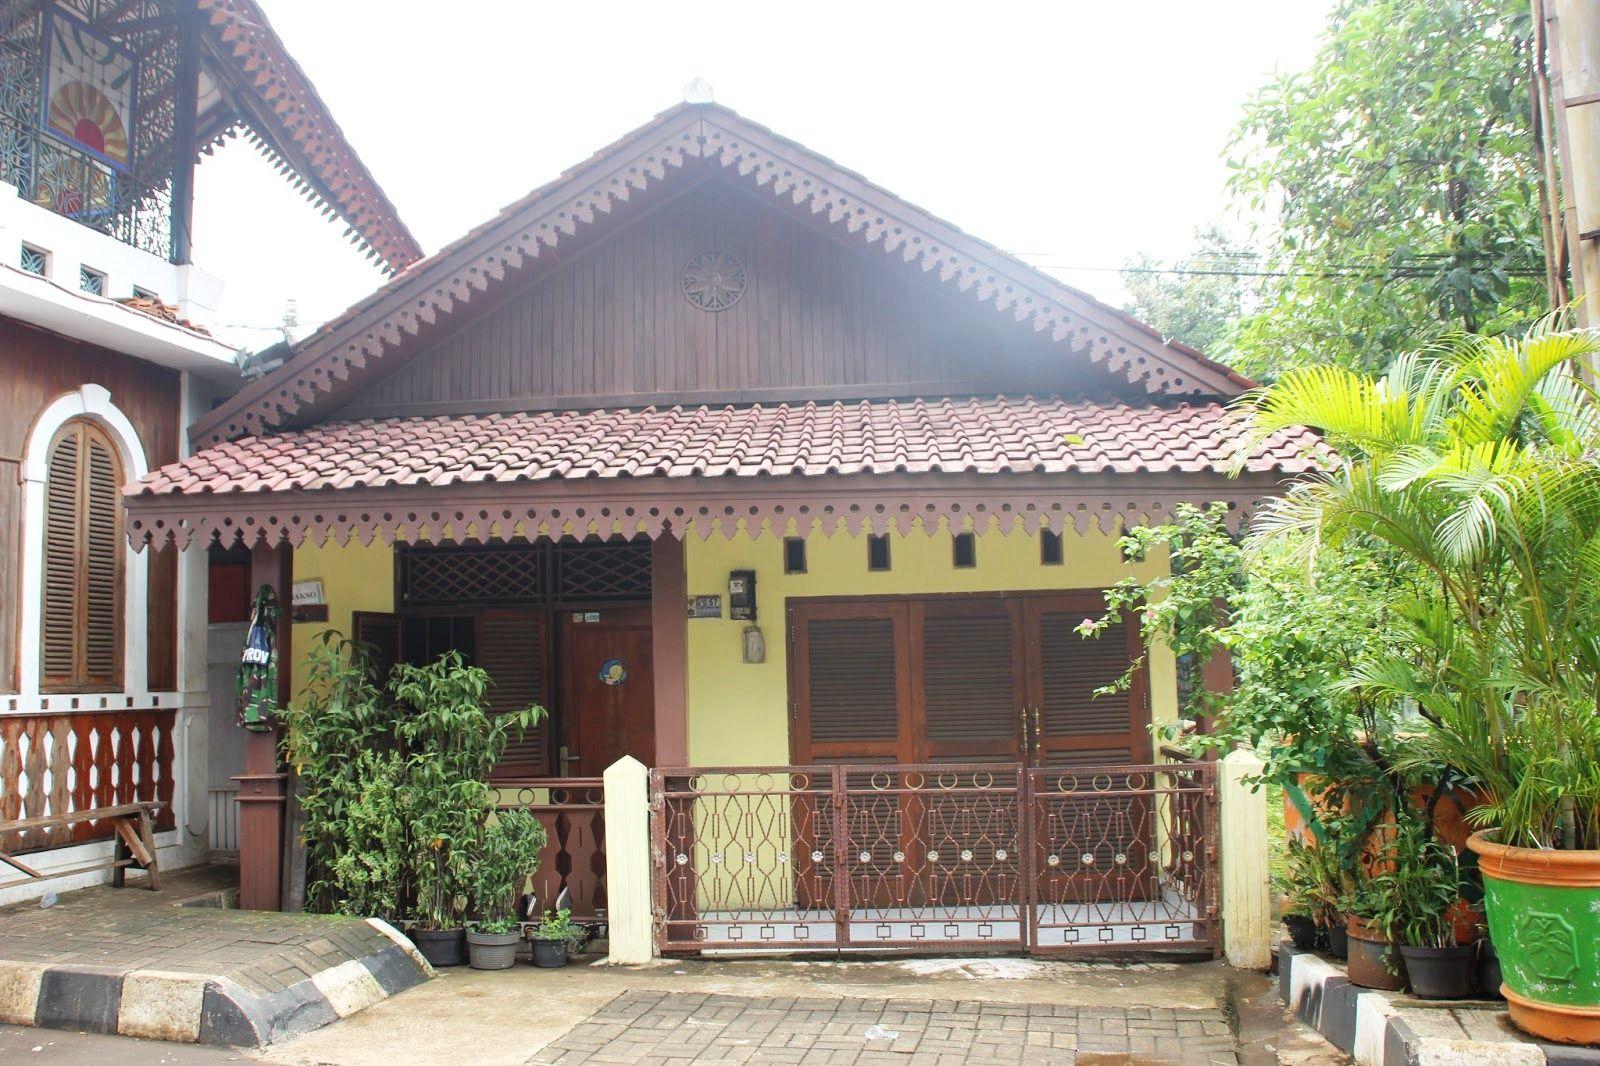 Sempurna 21 Gambar Rumah Betawi 73 Renovasi Ide Dekorasi Rumah Kecil dengan 21 Gambar Rumah Betawi